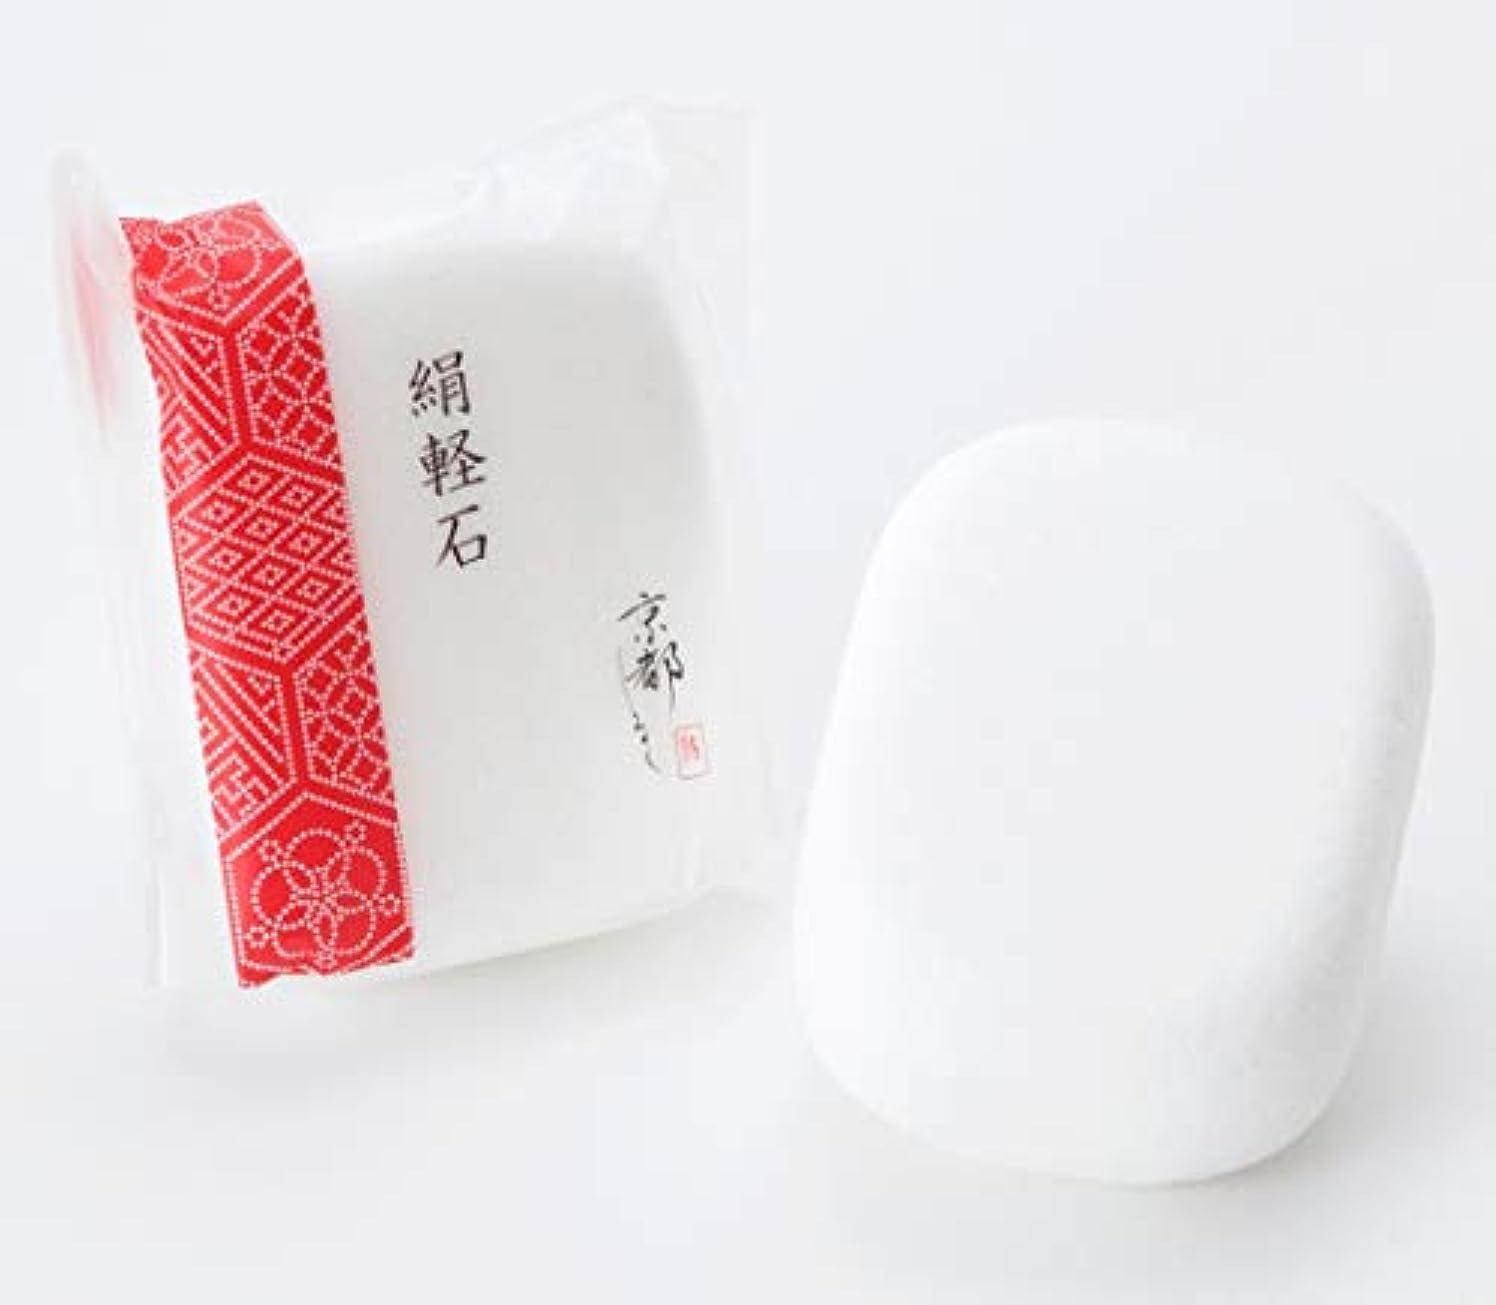 部分的に敏感なごちそう京都しるく シルクの軽石 2個セット【保湿成分シルクパウダー配合】/かかとの角質を落としてツルツル素足に 絹軽石 かかとキレイ かかとつるつる